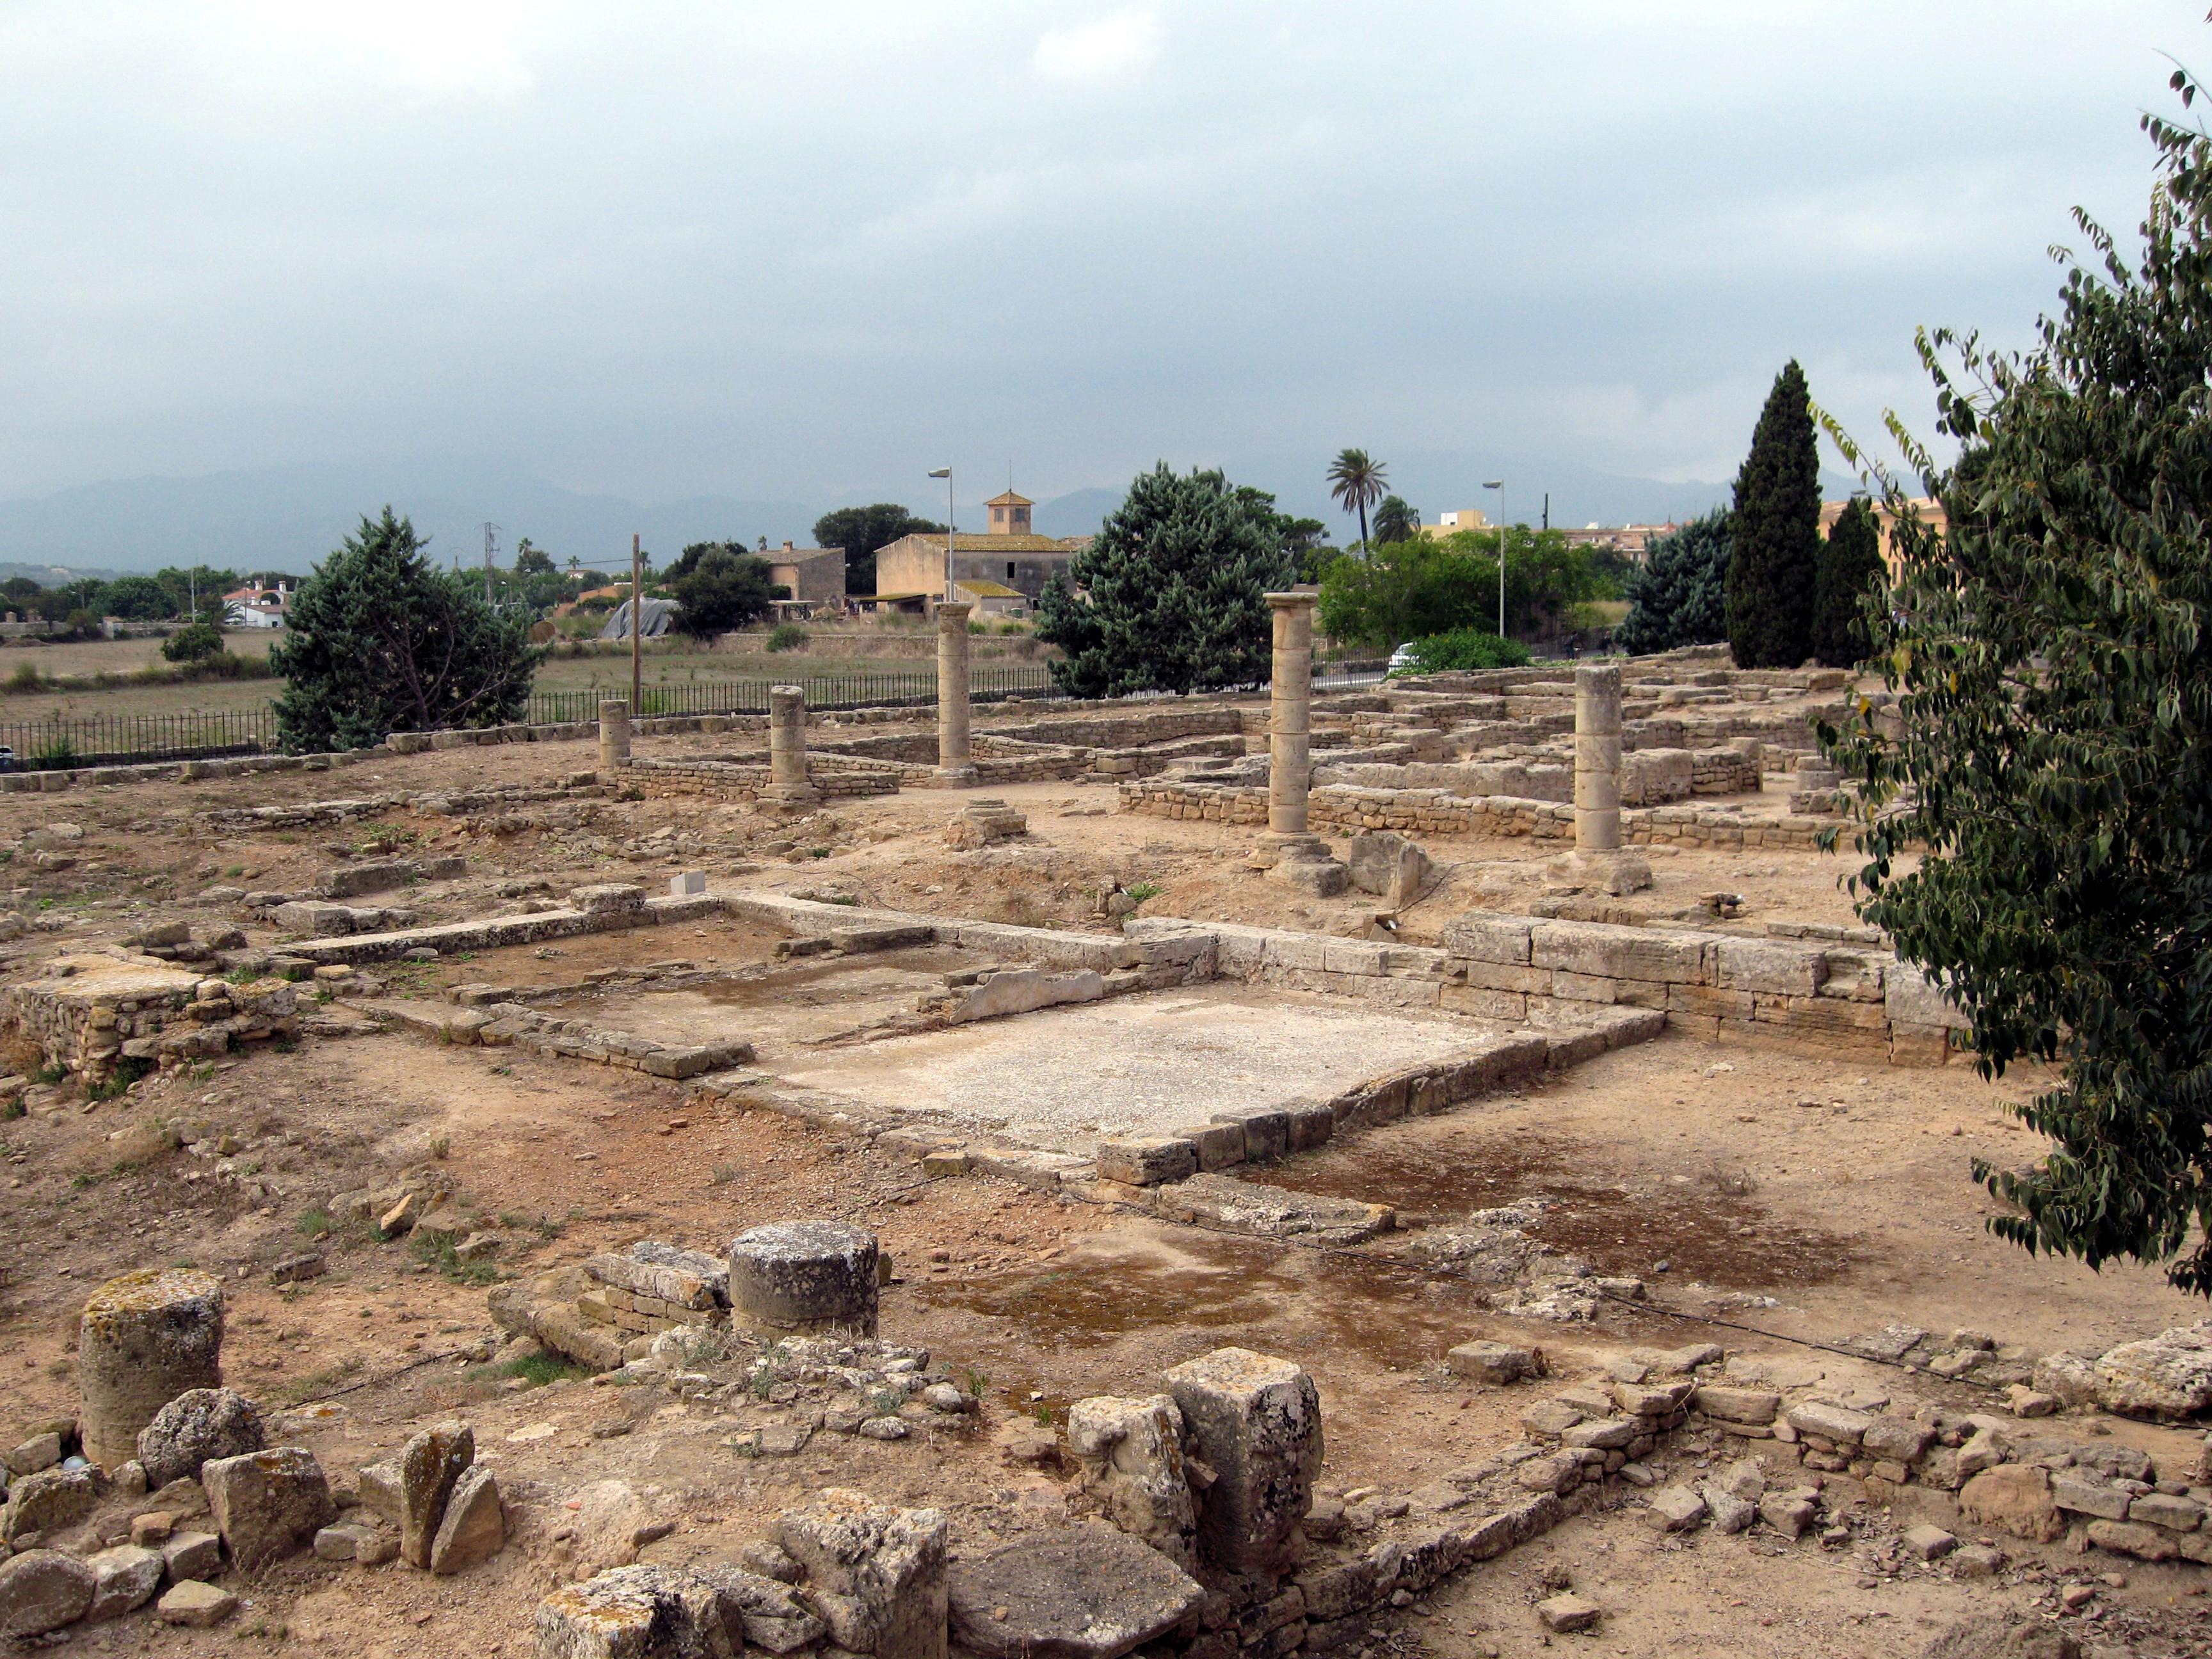 The town of Alcúdia in Majorca - The Roman ruins of Pollentia